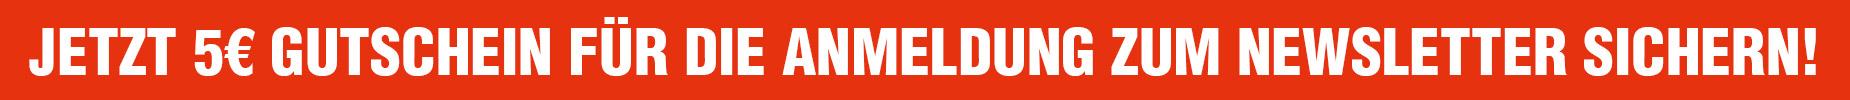 Newsletteranmeldung_startseite_banner